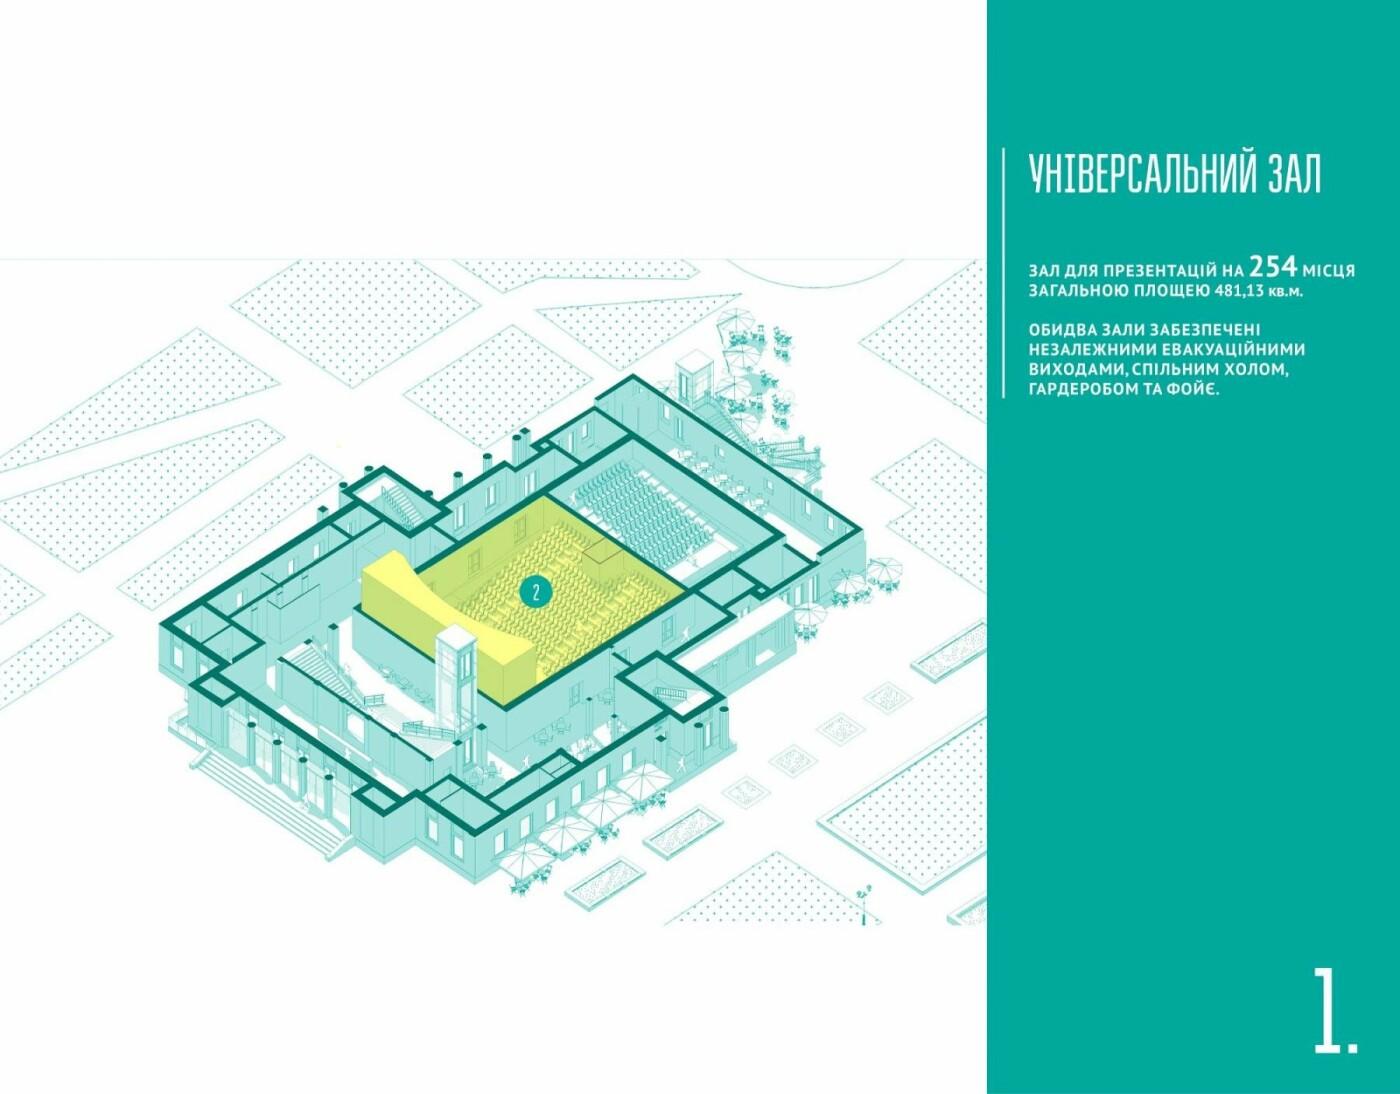 Концепція розвитку: яким буде кінотеатр Шевченка в майбутньому, фото-13